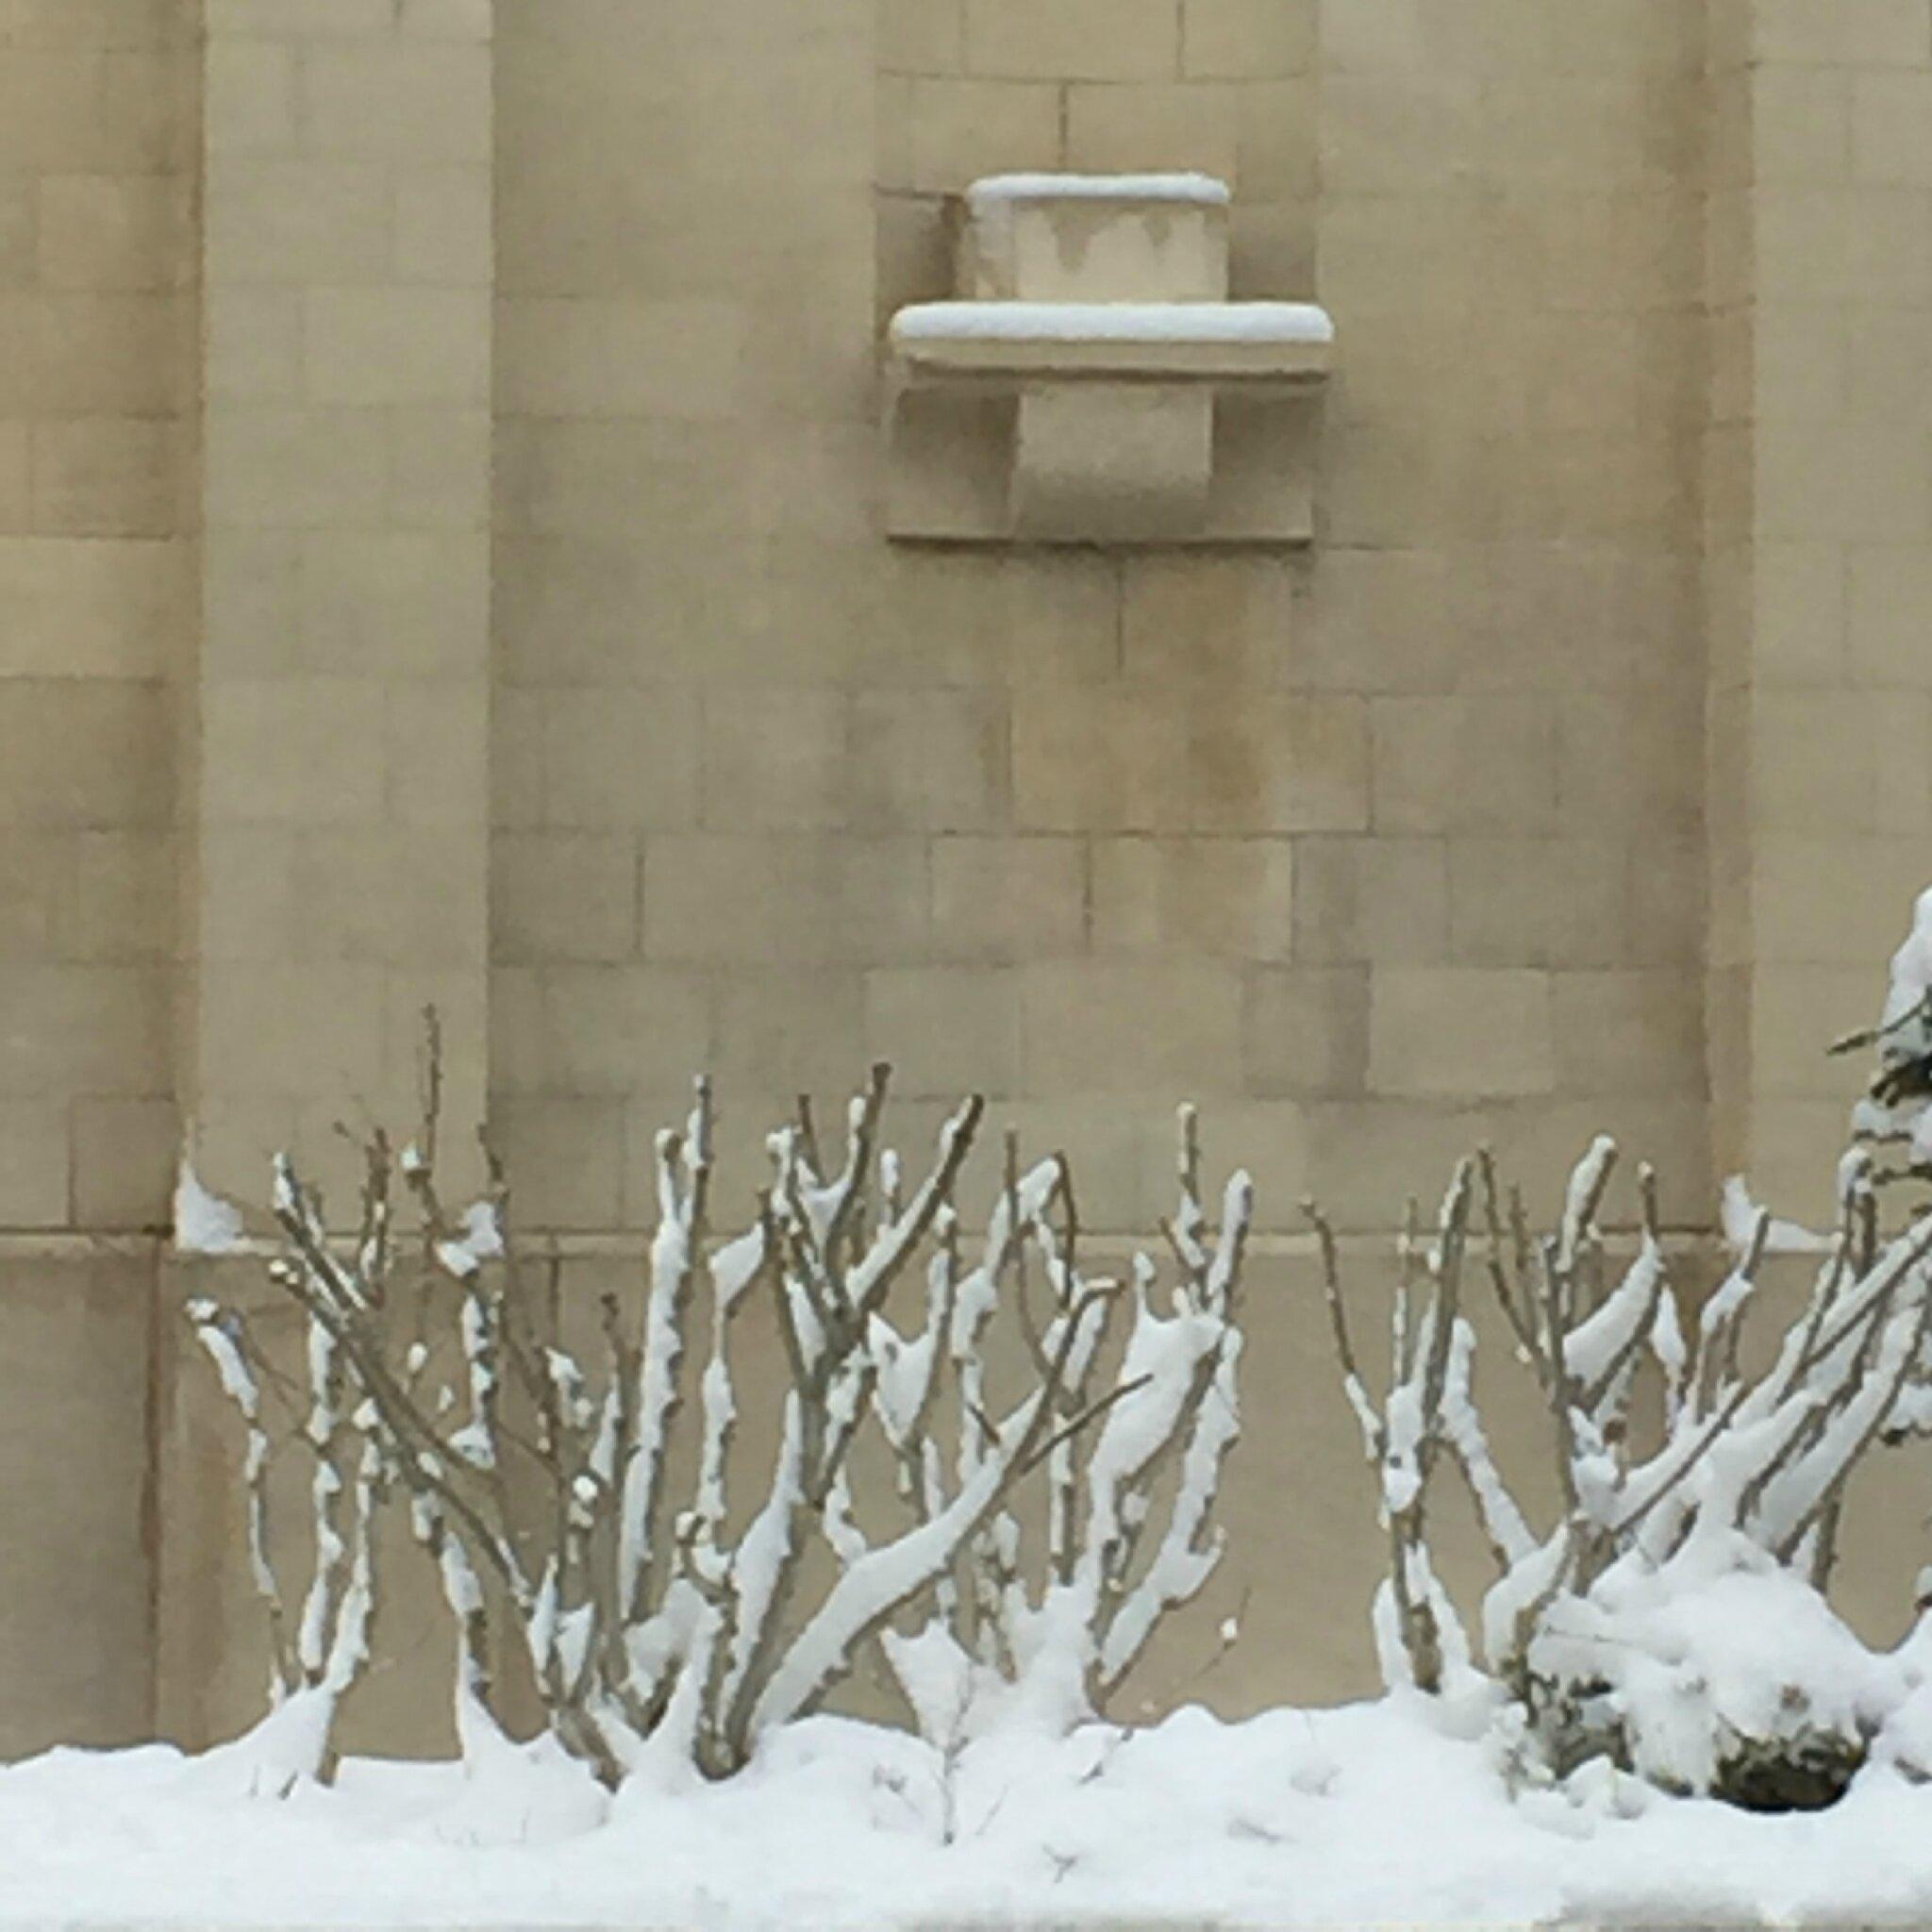 Hier La Neige à La Fenêtre Main Tenant